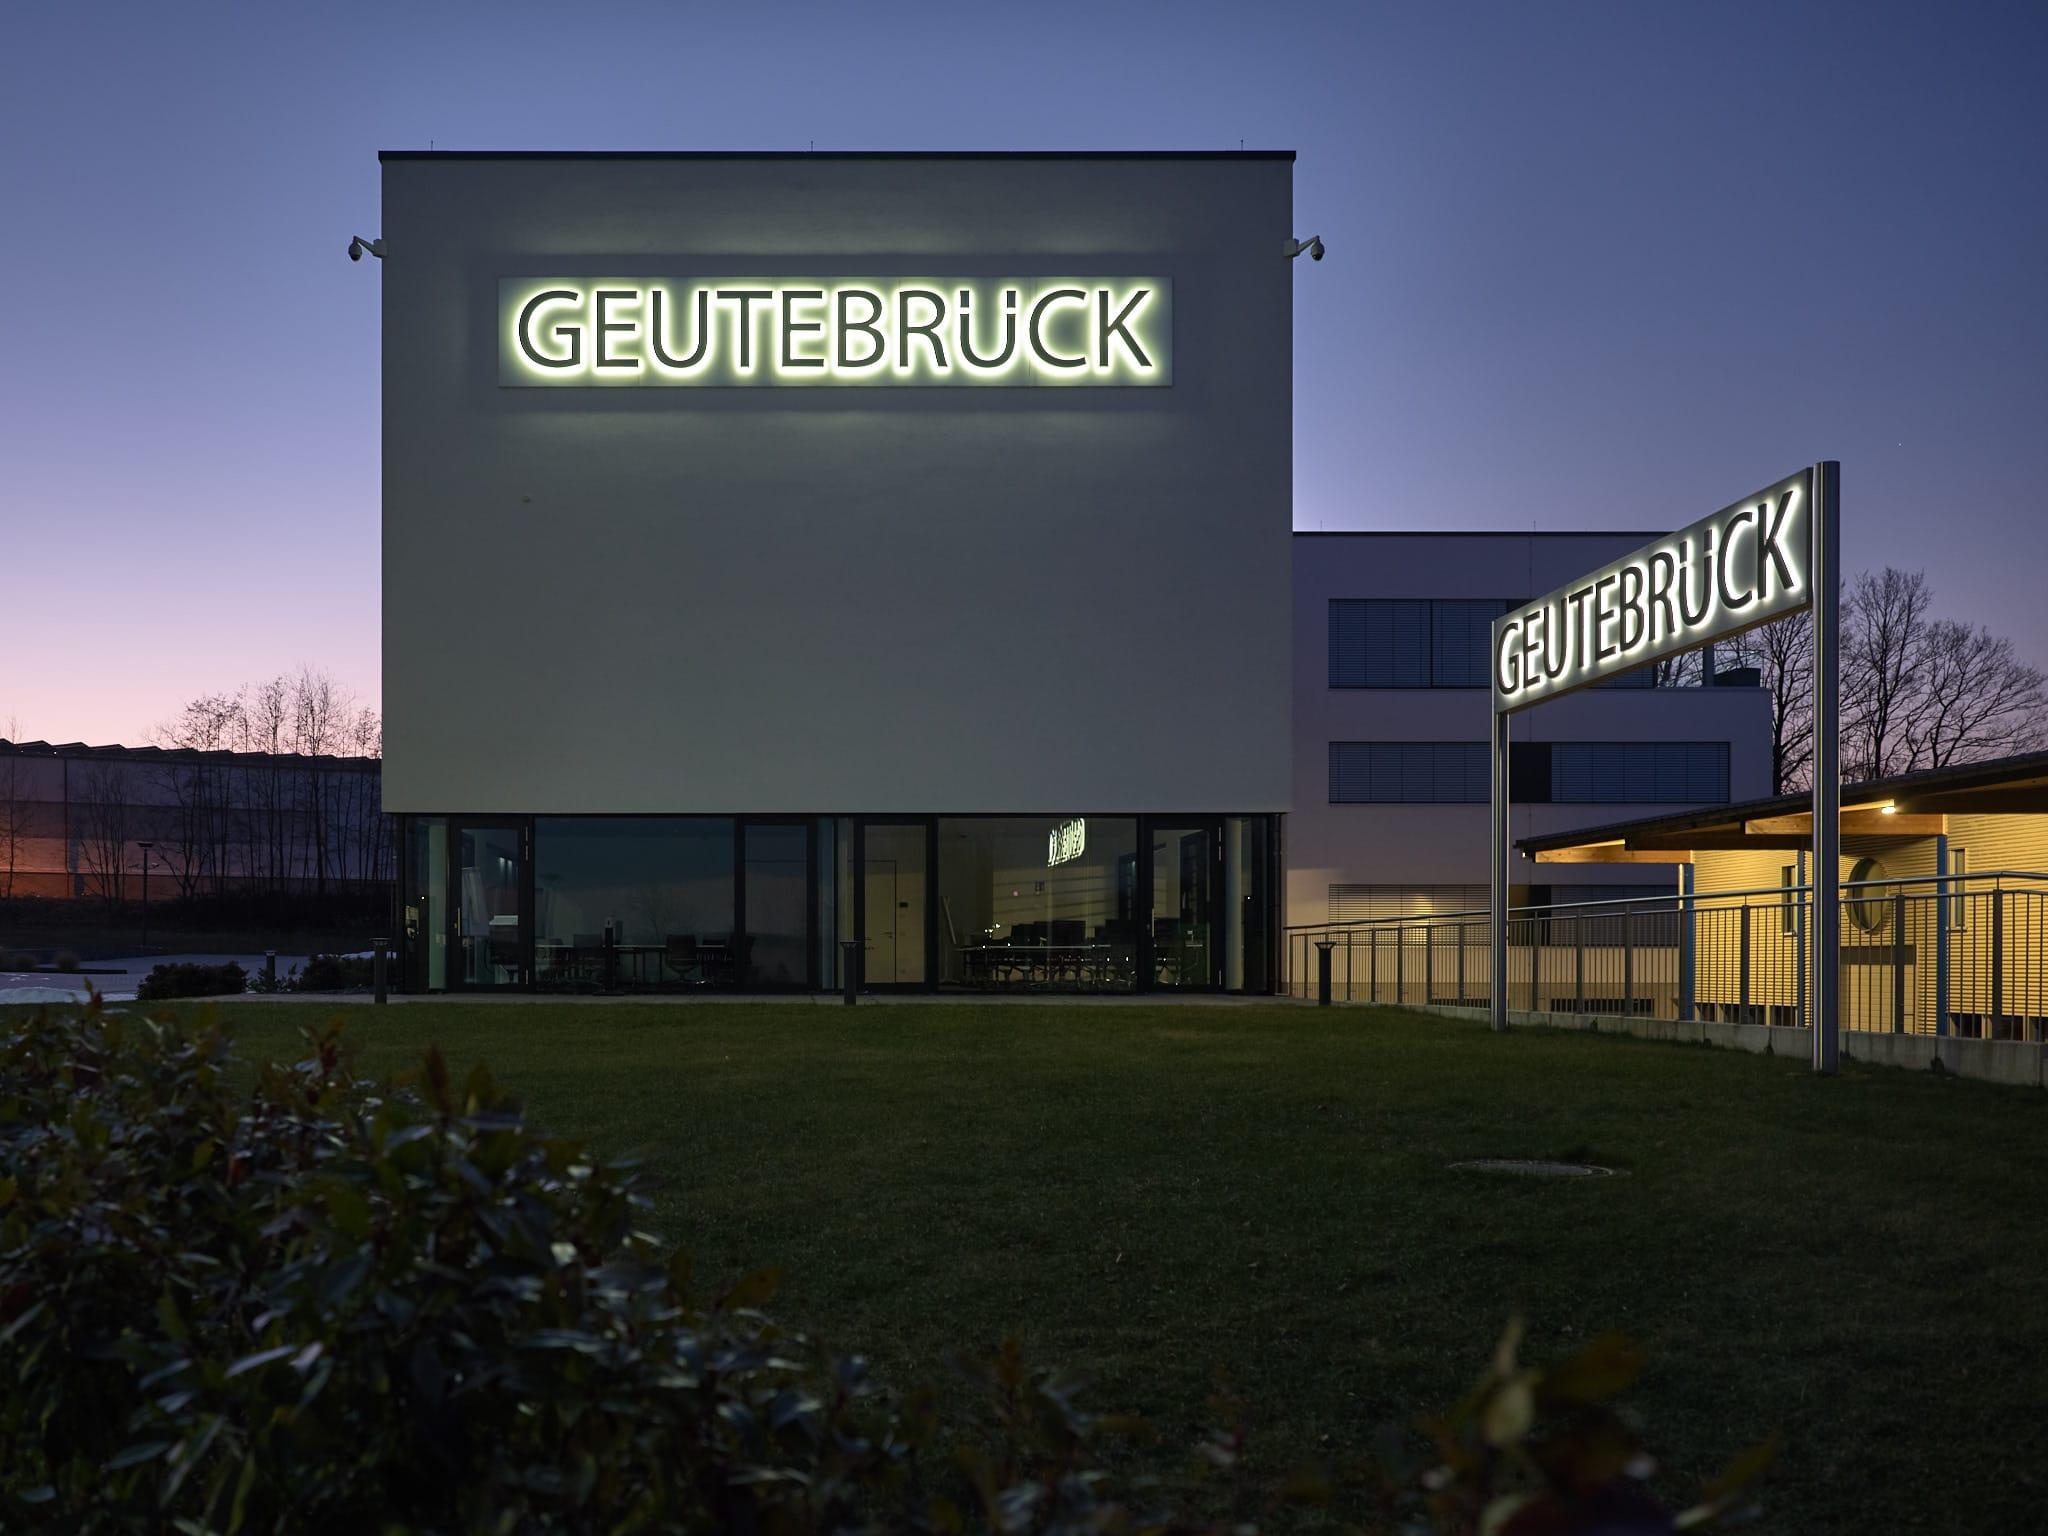 Großflächige Leuchtreklame Geutebrück